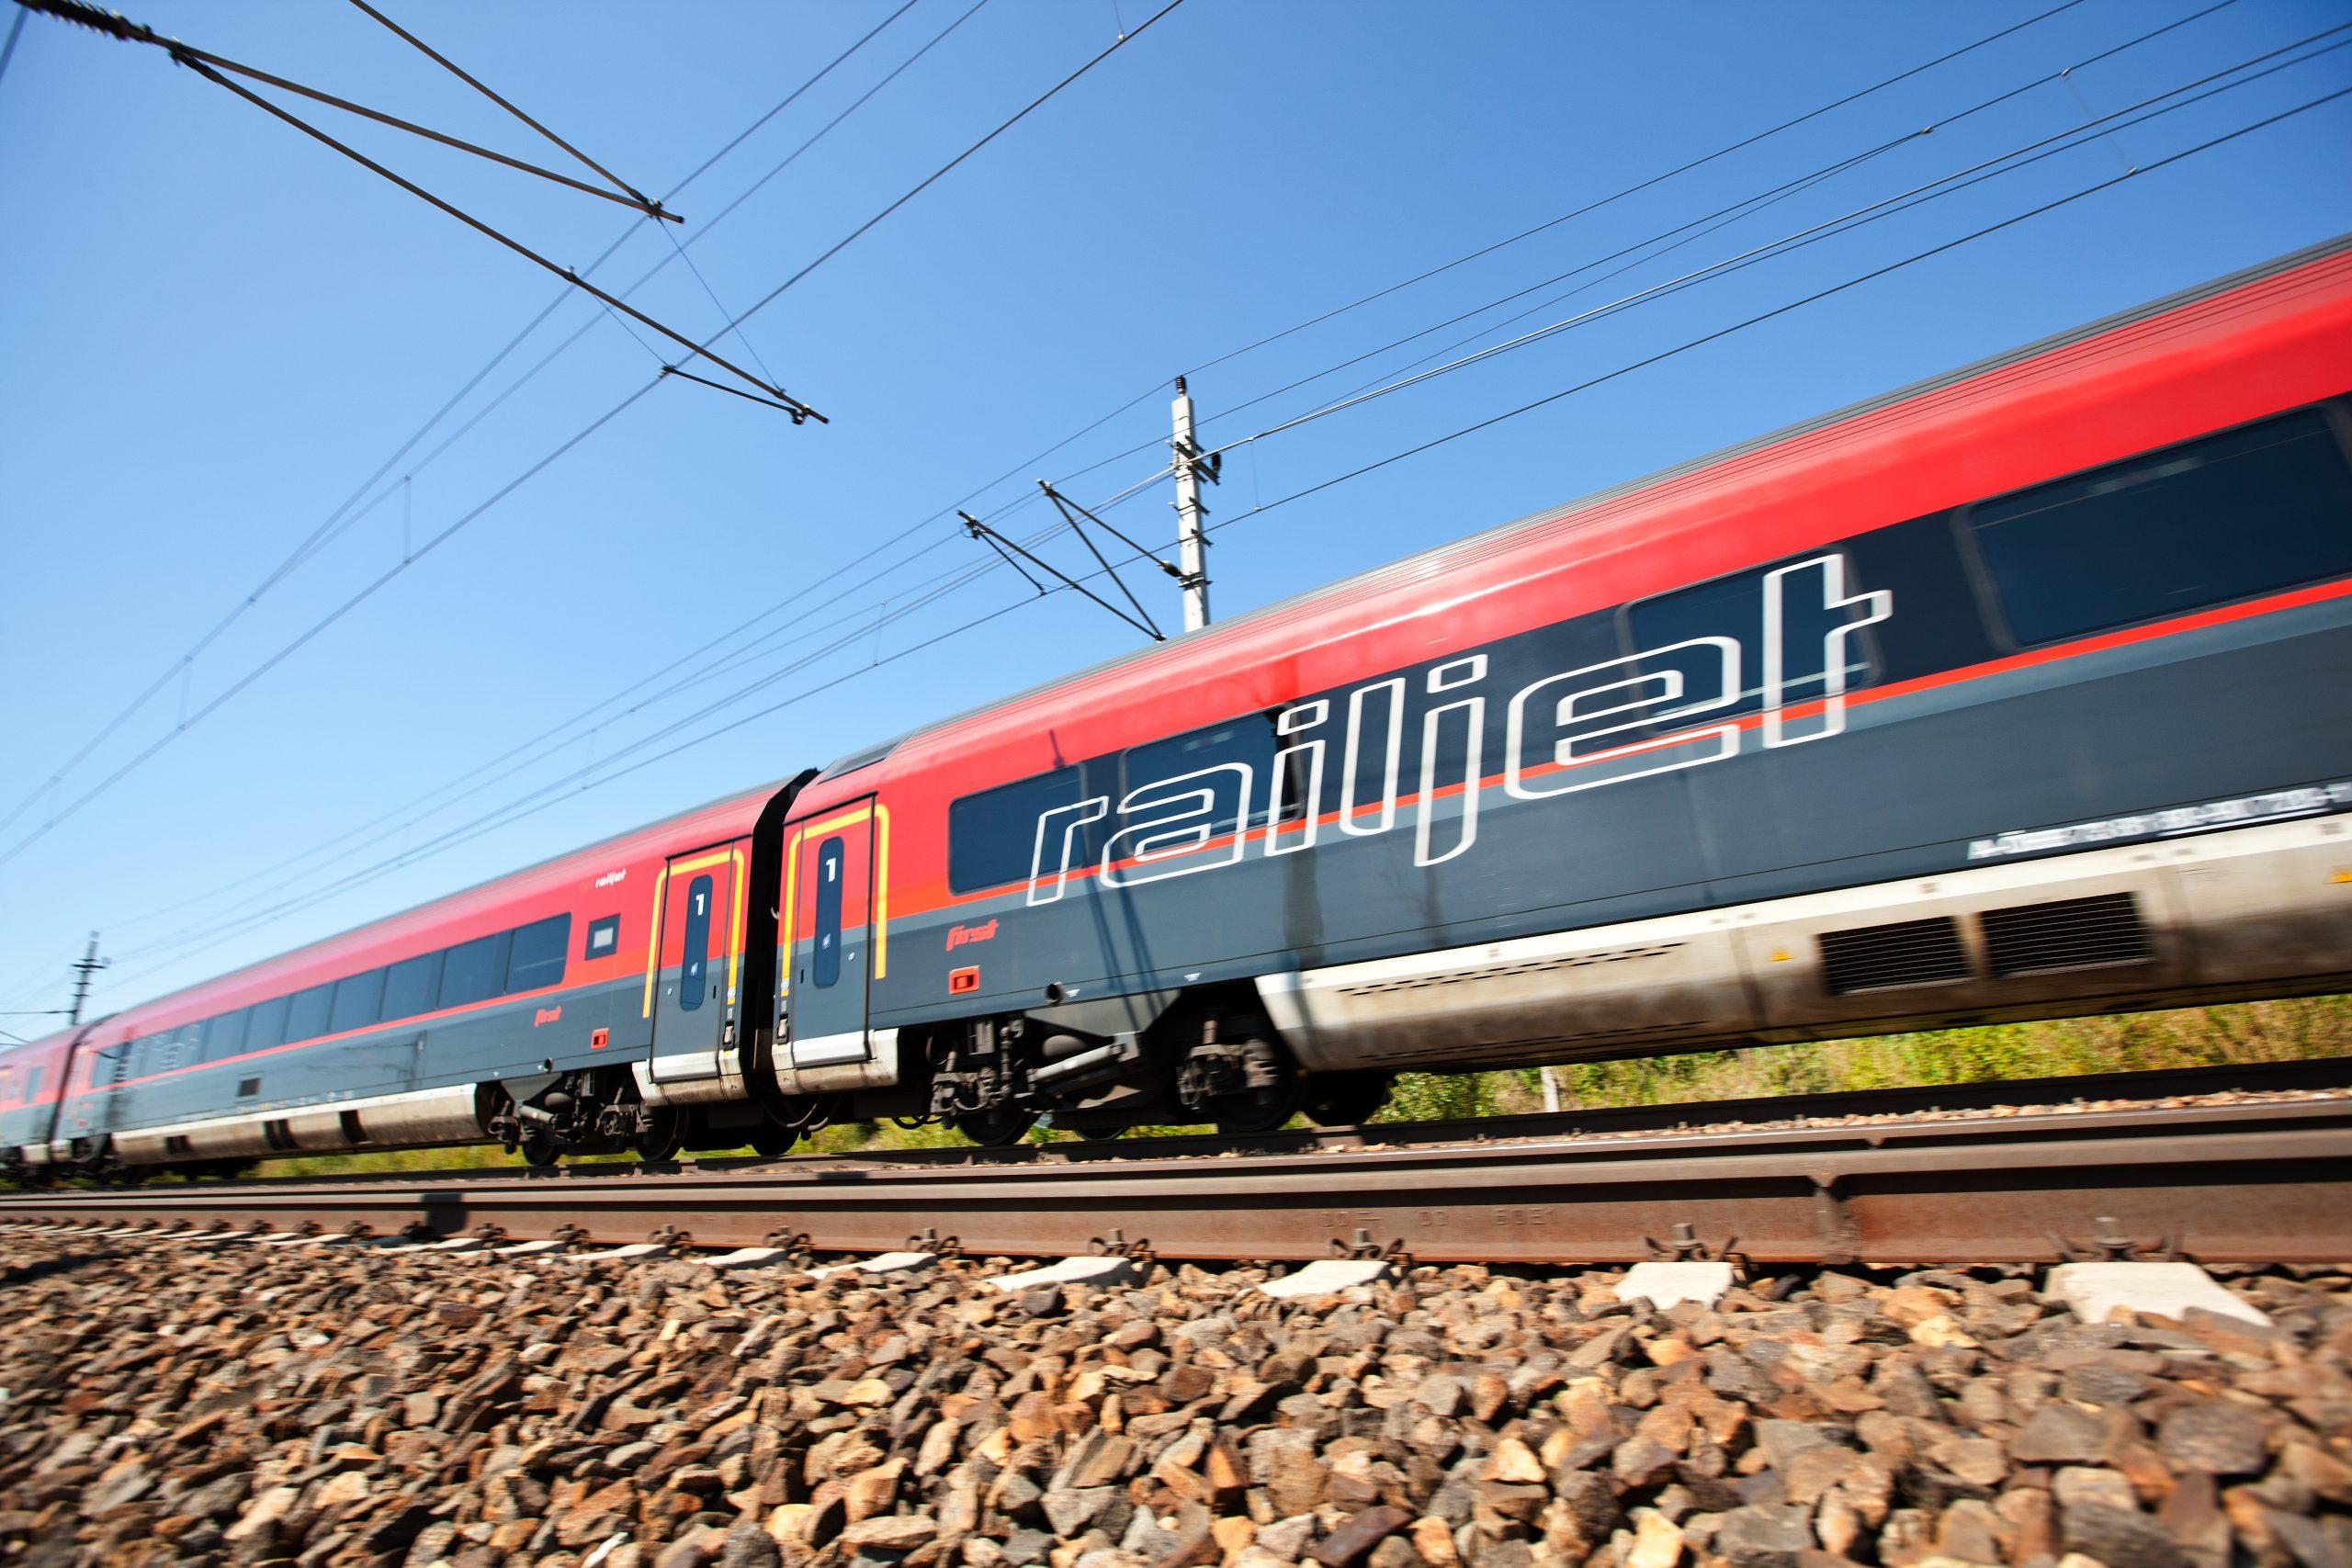 Tog fra Austrian Federal Railways skal fremover erstatte fly fra Austrian Airlines på indenrigsruten mellem Salzburg og Wien. Foto: Austrian Federal Railways (ÖBB)